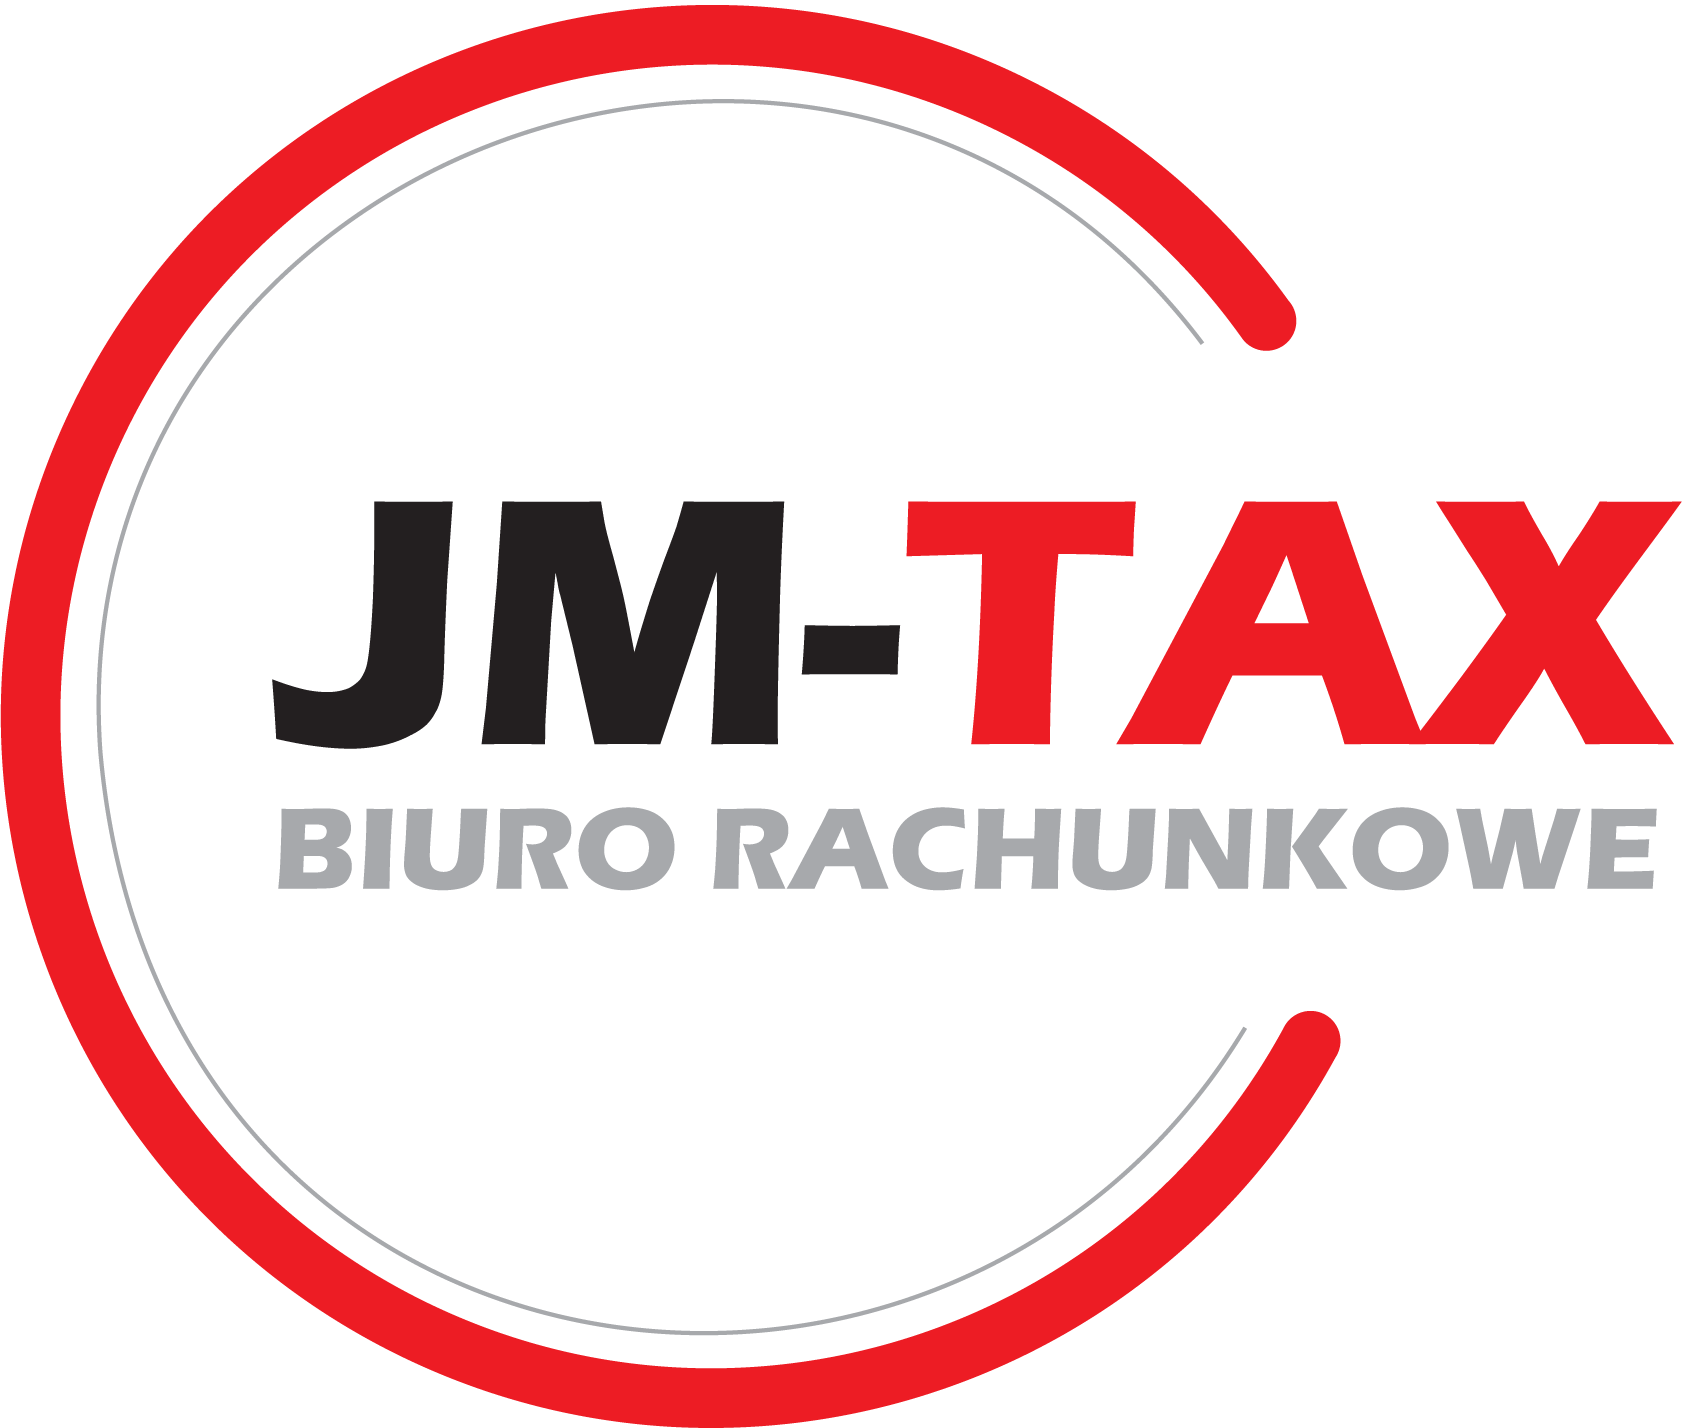 JM-TAX